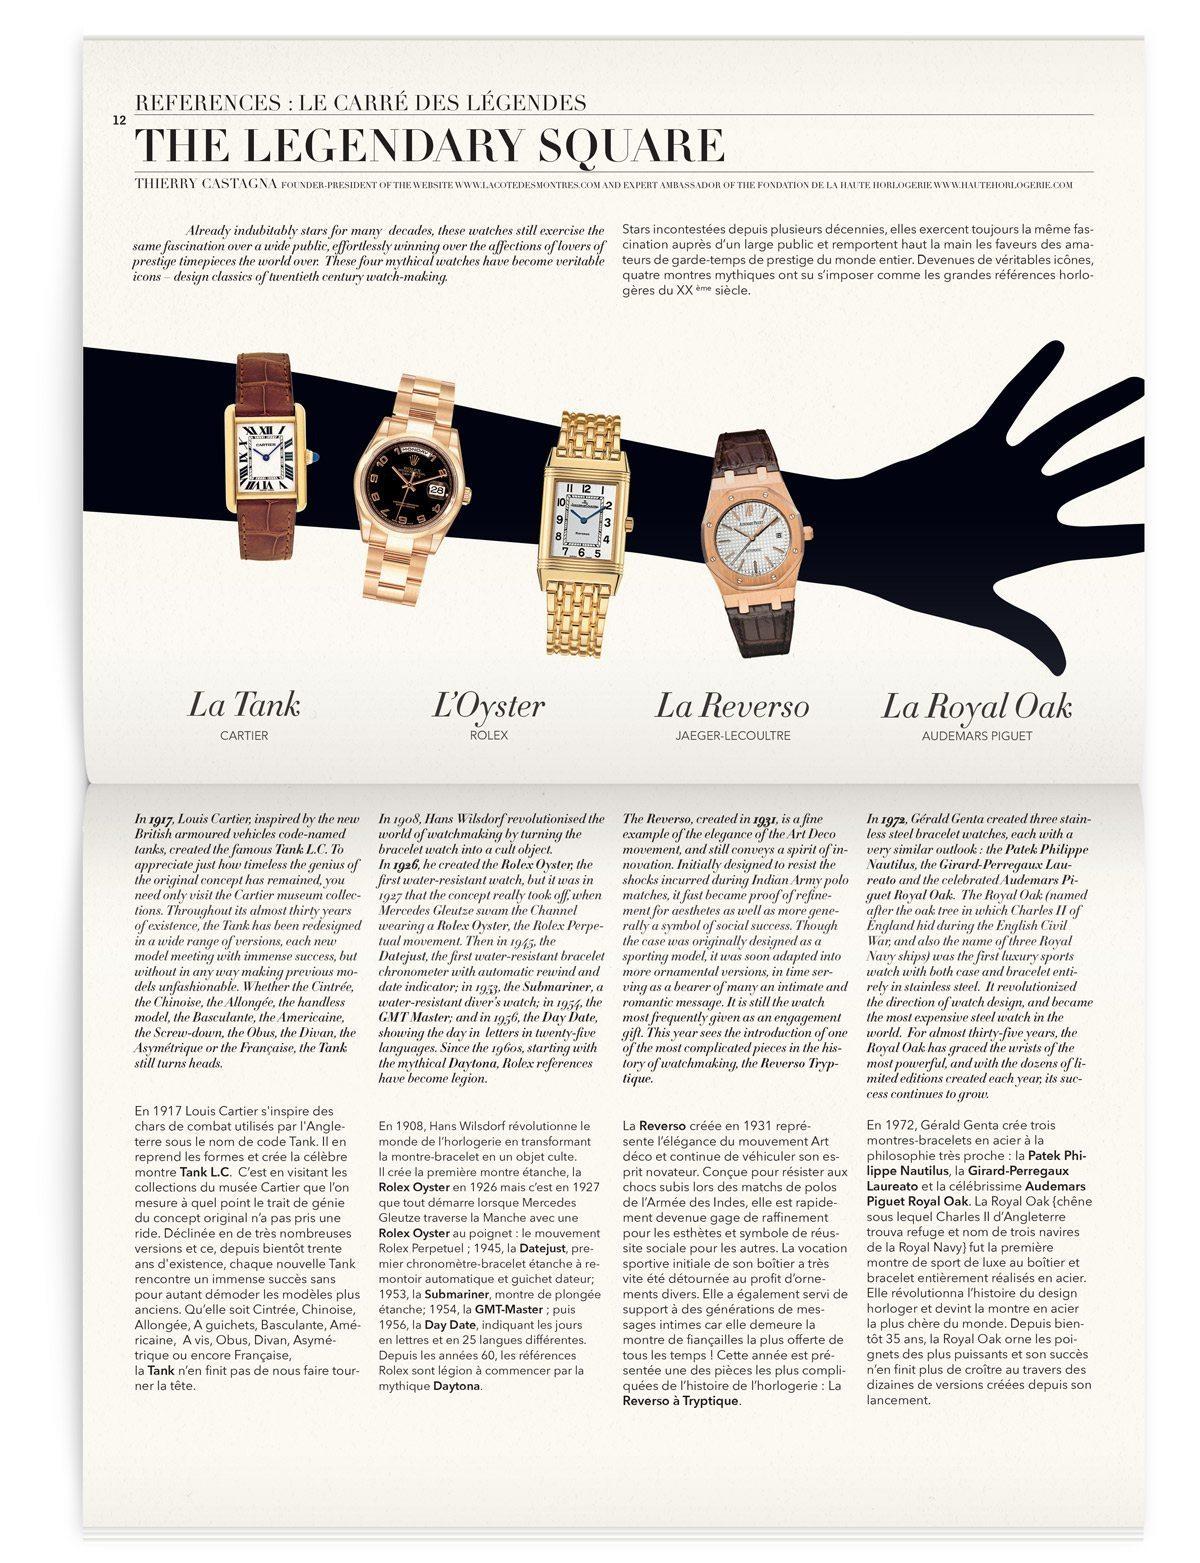 Le carré des légendes, montres de marque pour le magazine Iconofly, revue d'art, design IchetKar